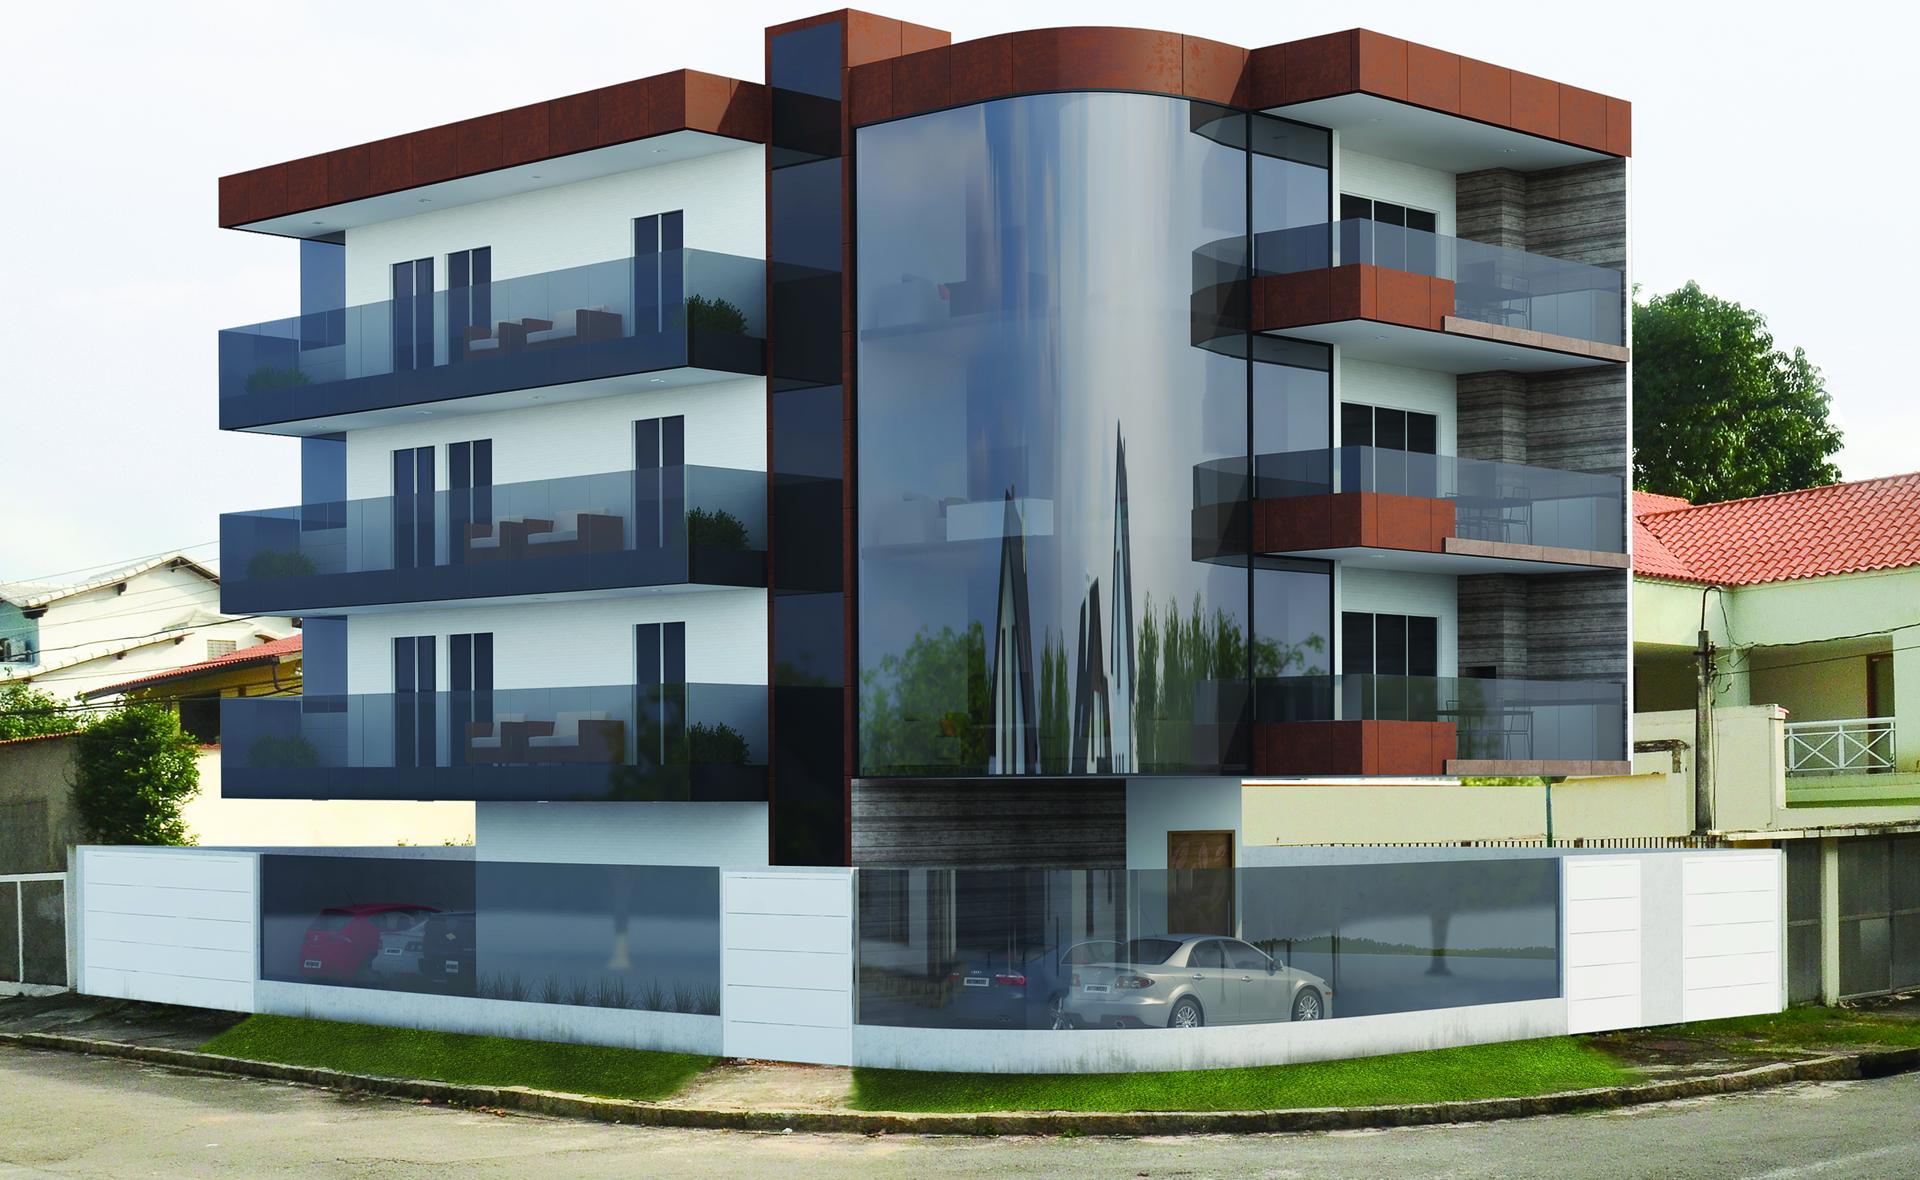 ibiza-fachada-banner